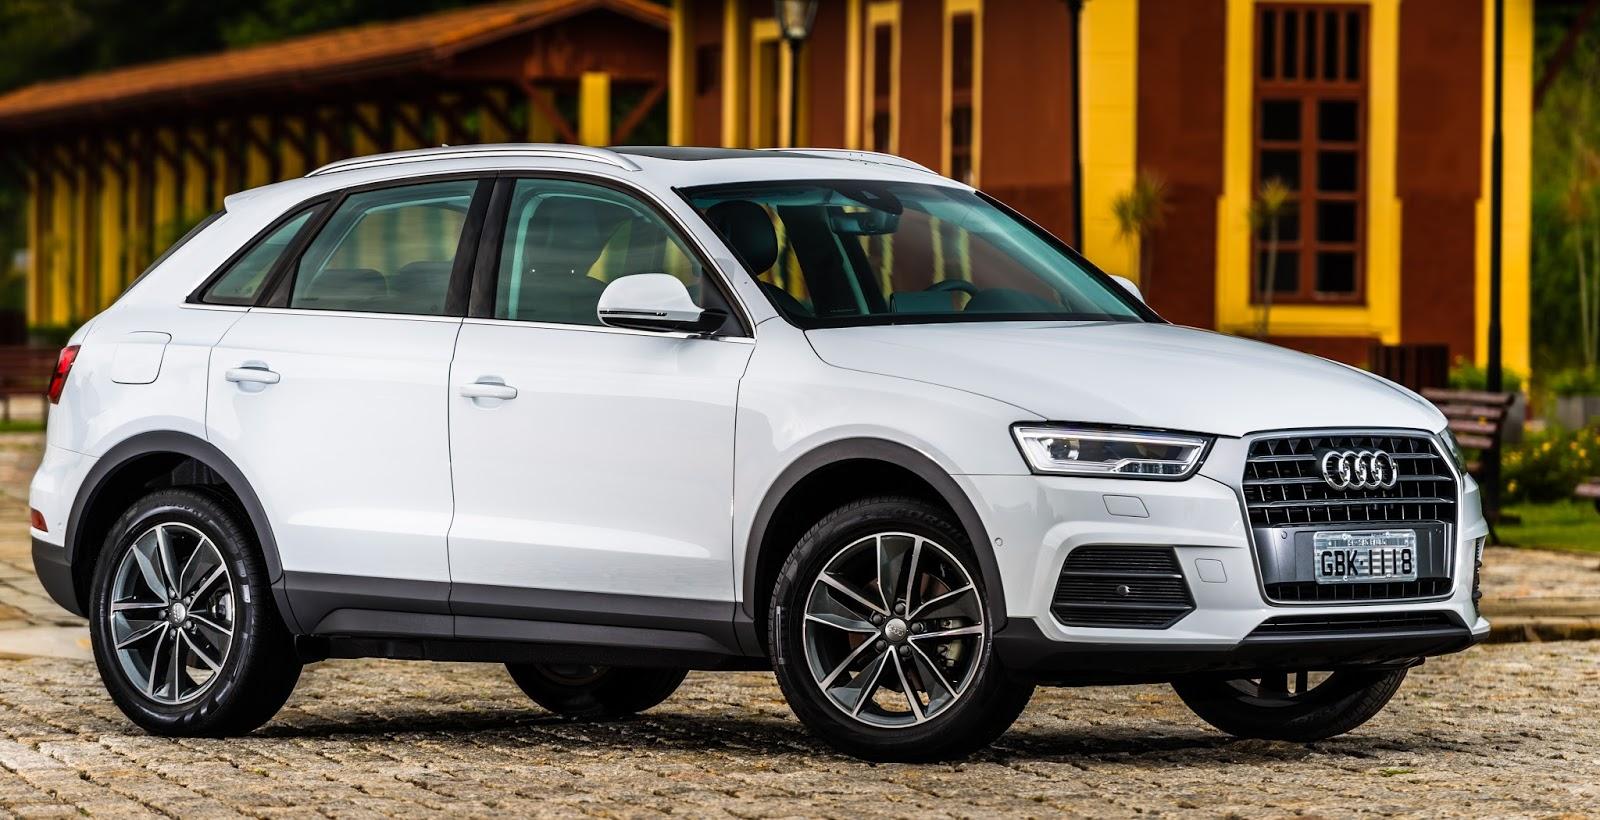 Audi faz melhores carros do mundo, segundo Consumer Reports; Fiat e Jeep fazem os piores